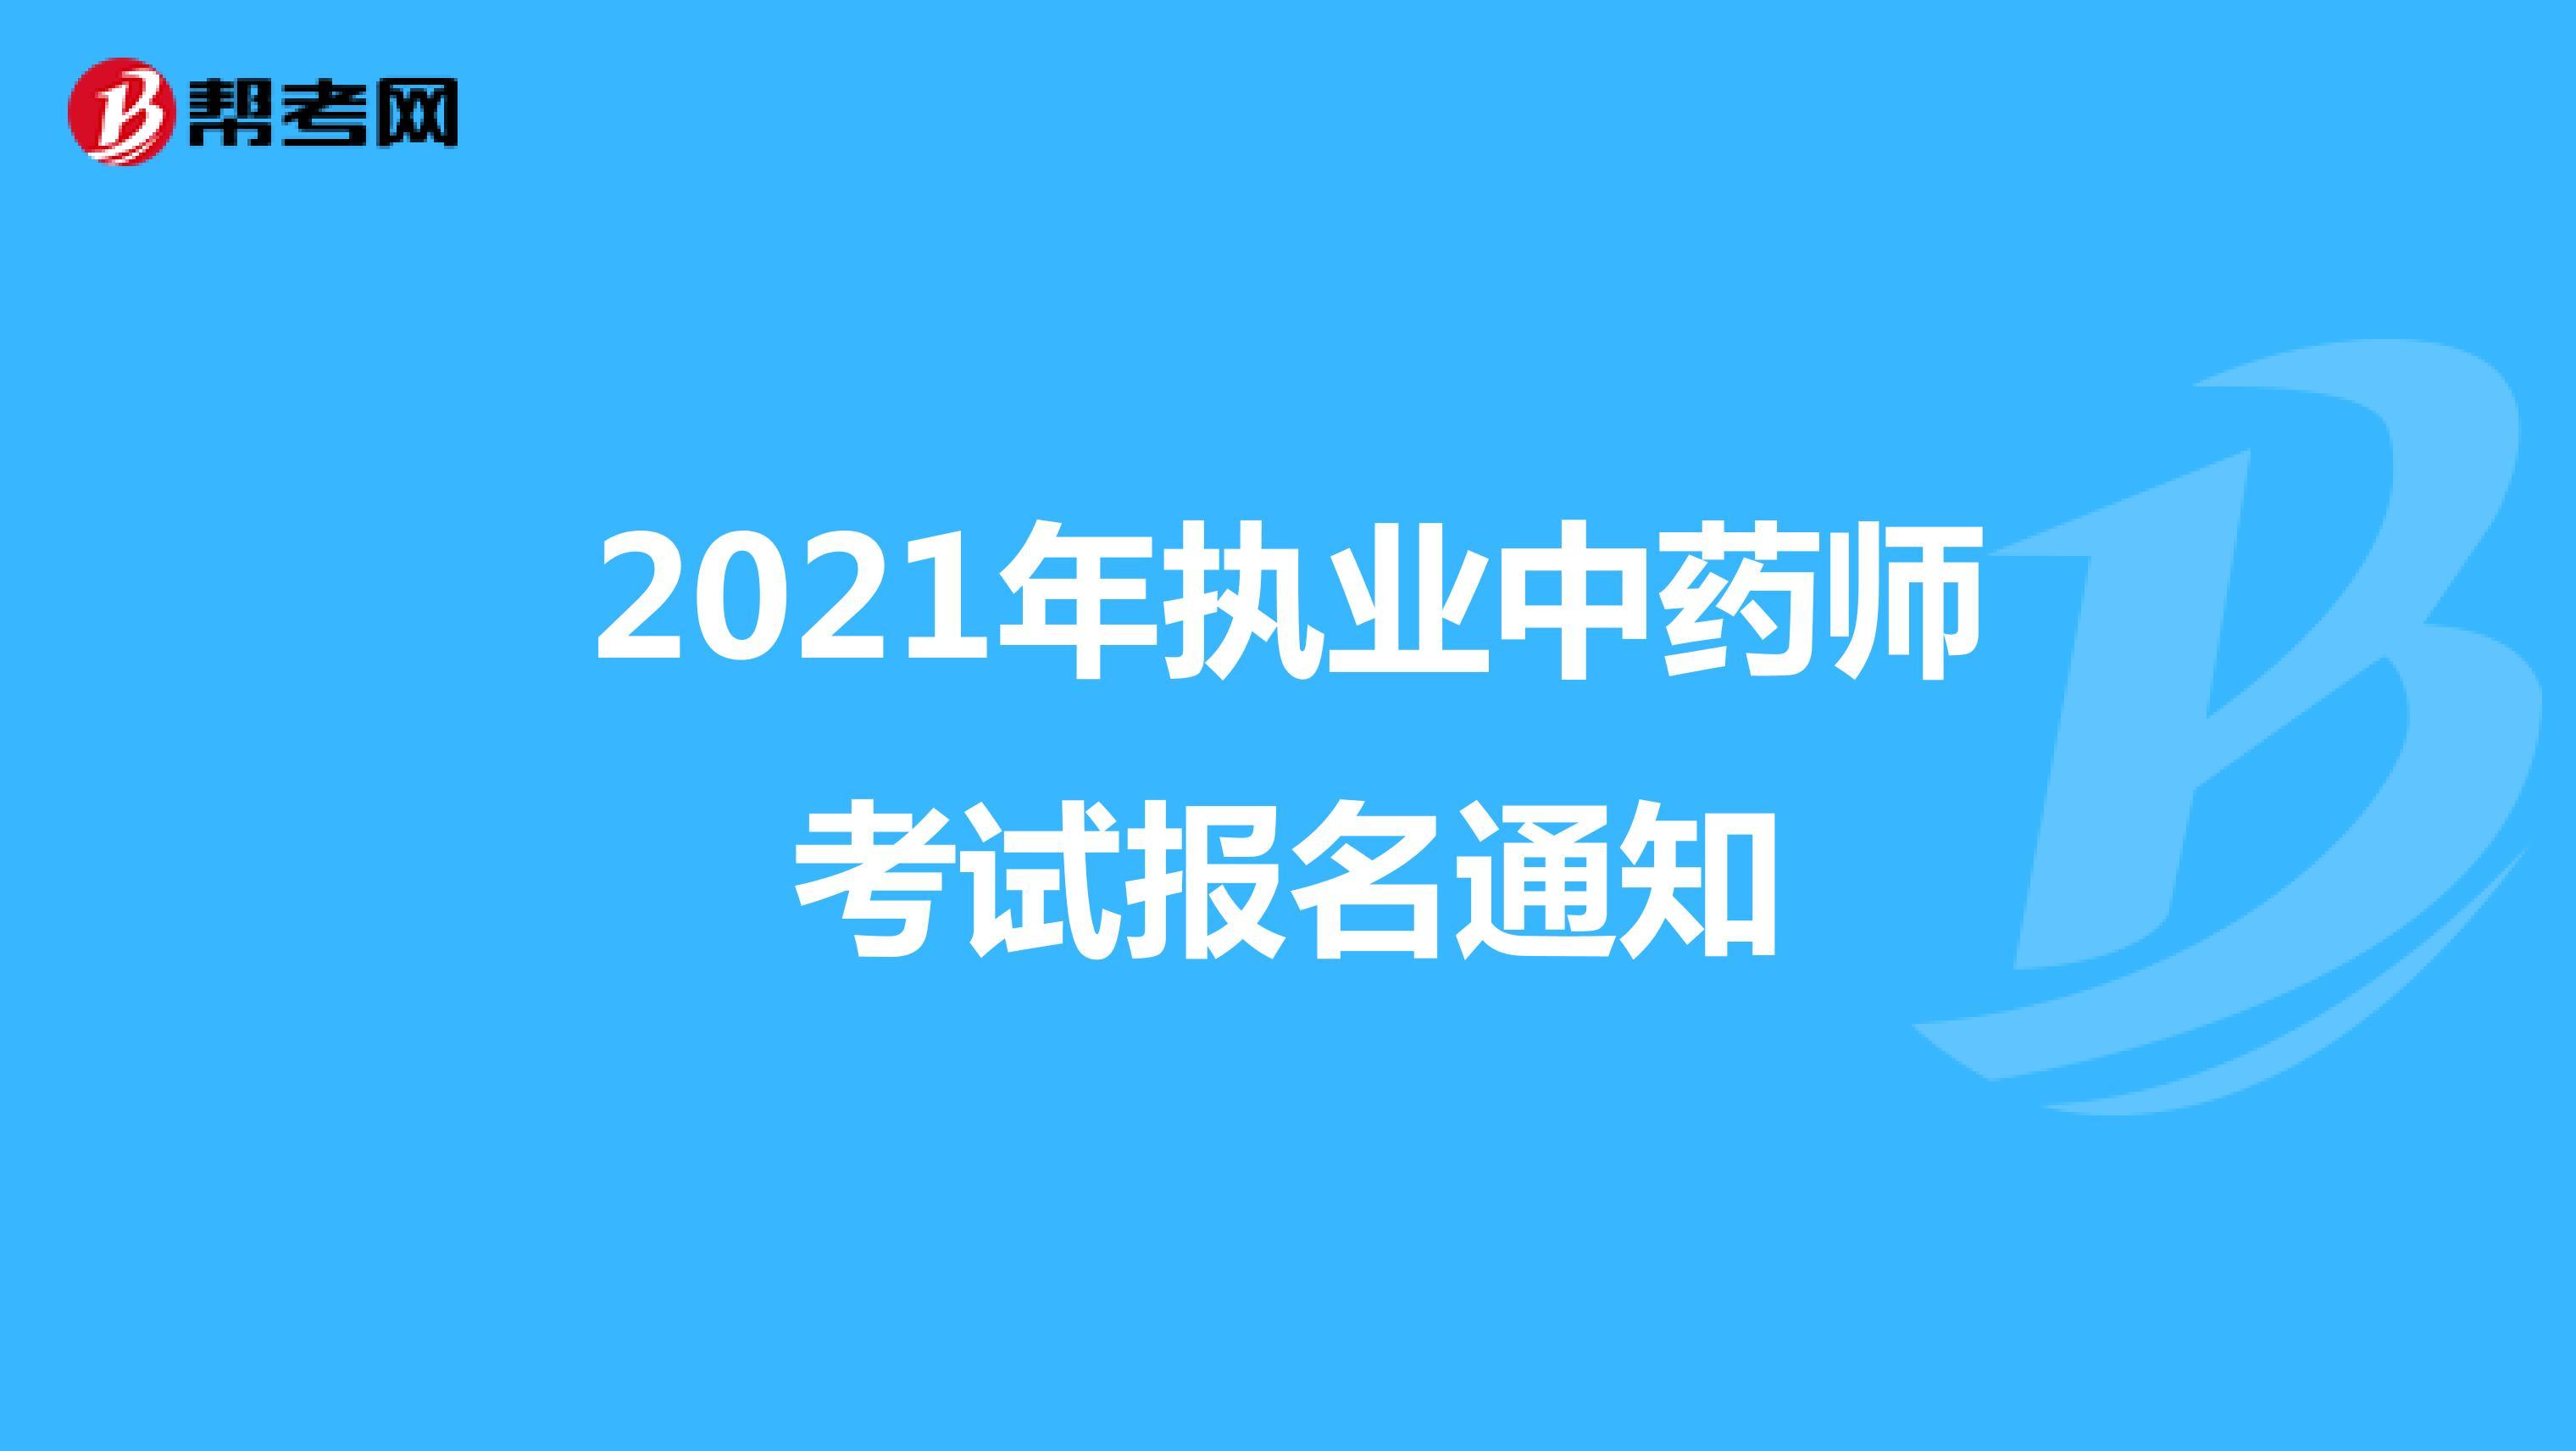 2021年执业中药师考试报名通知